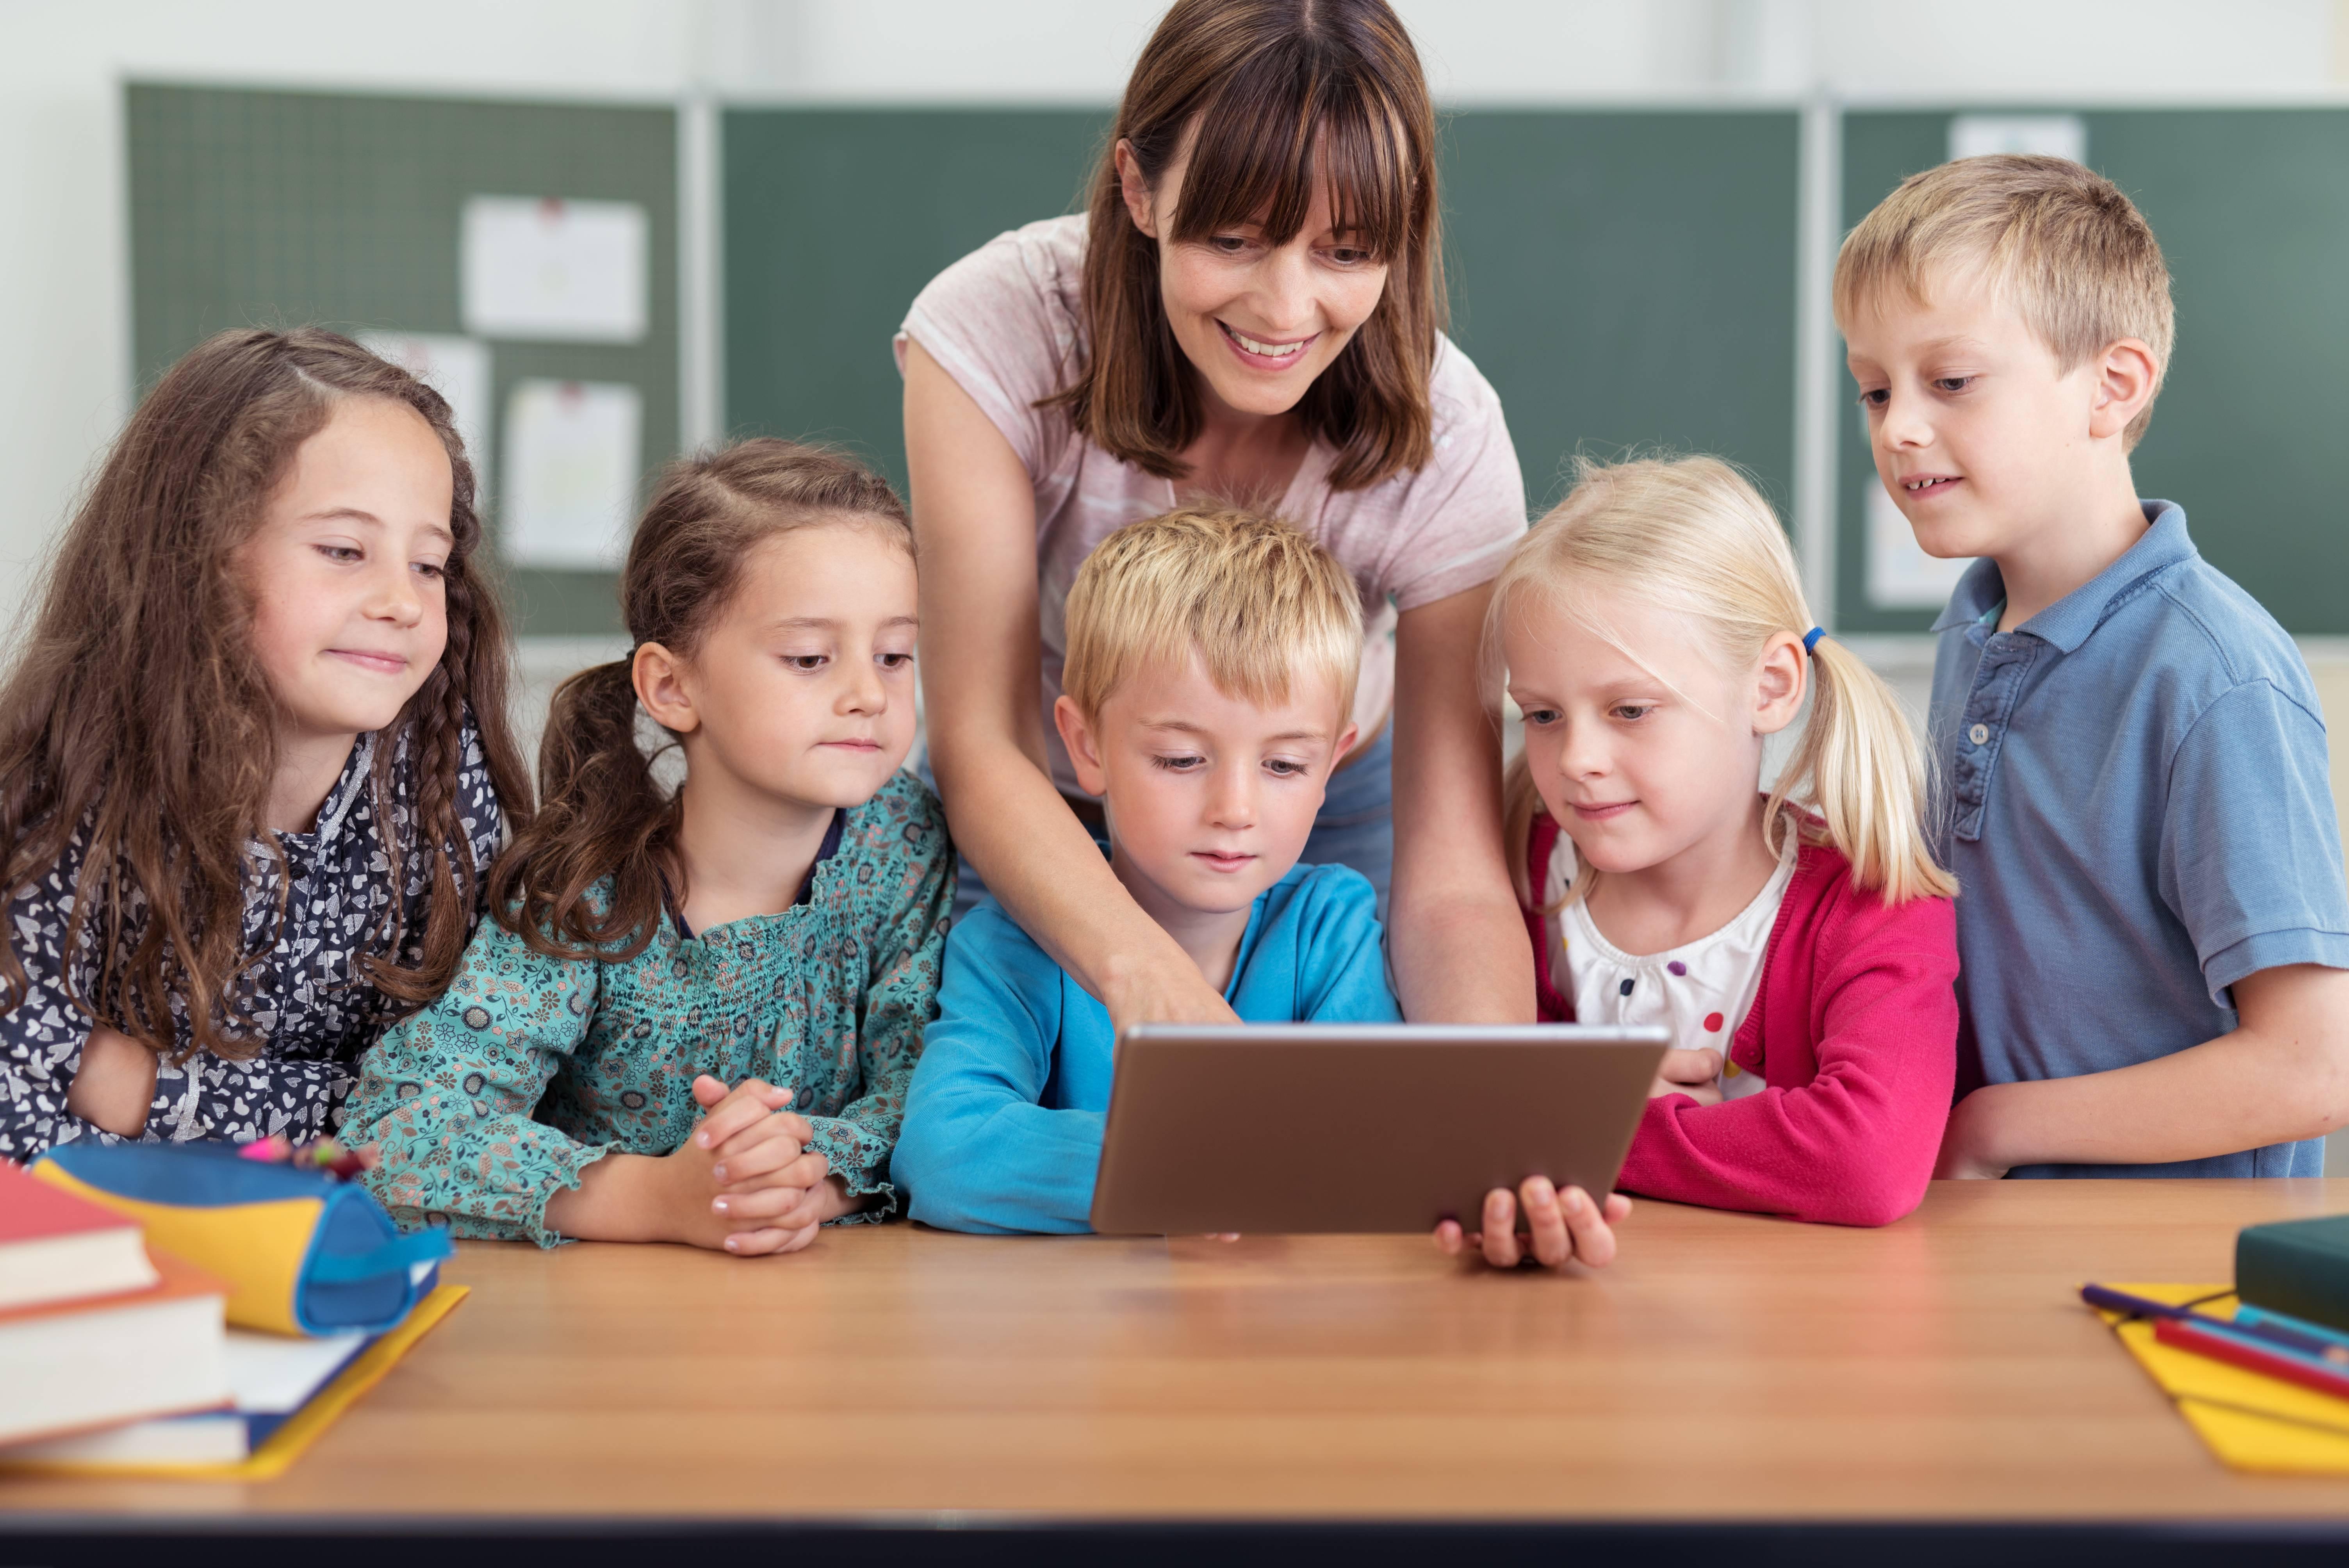 Endgeräte für Lehrer